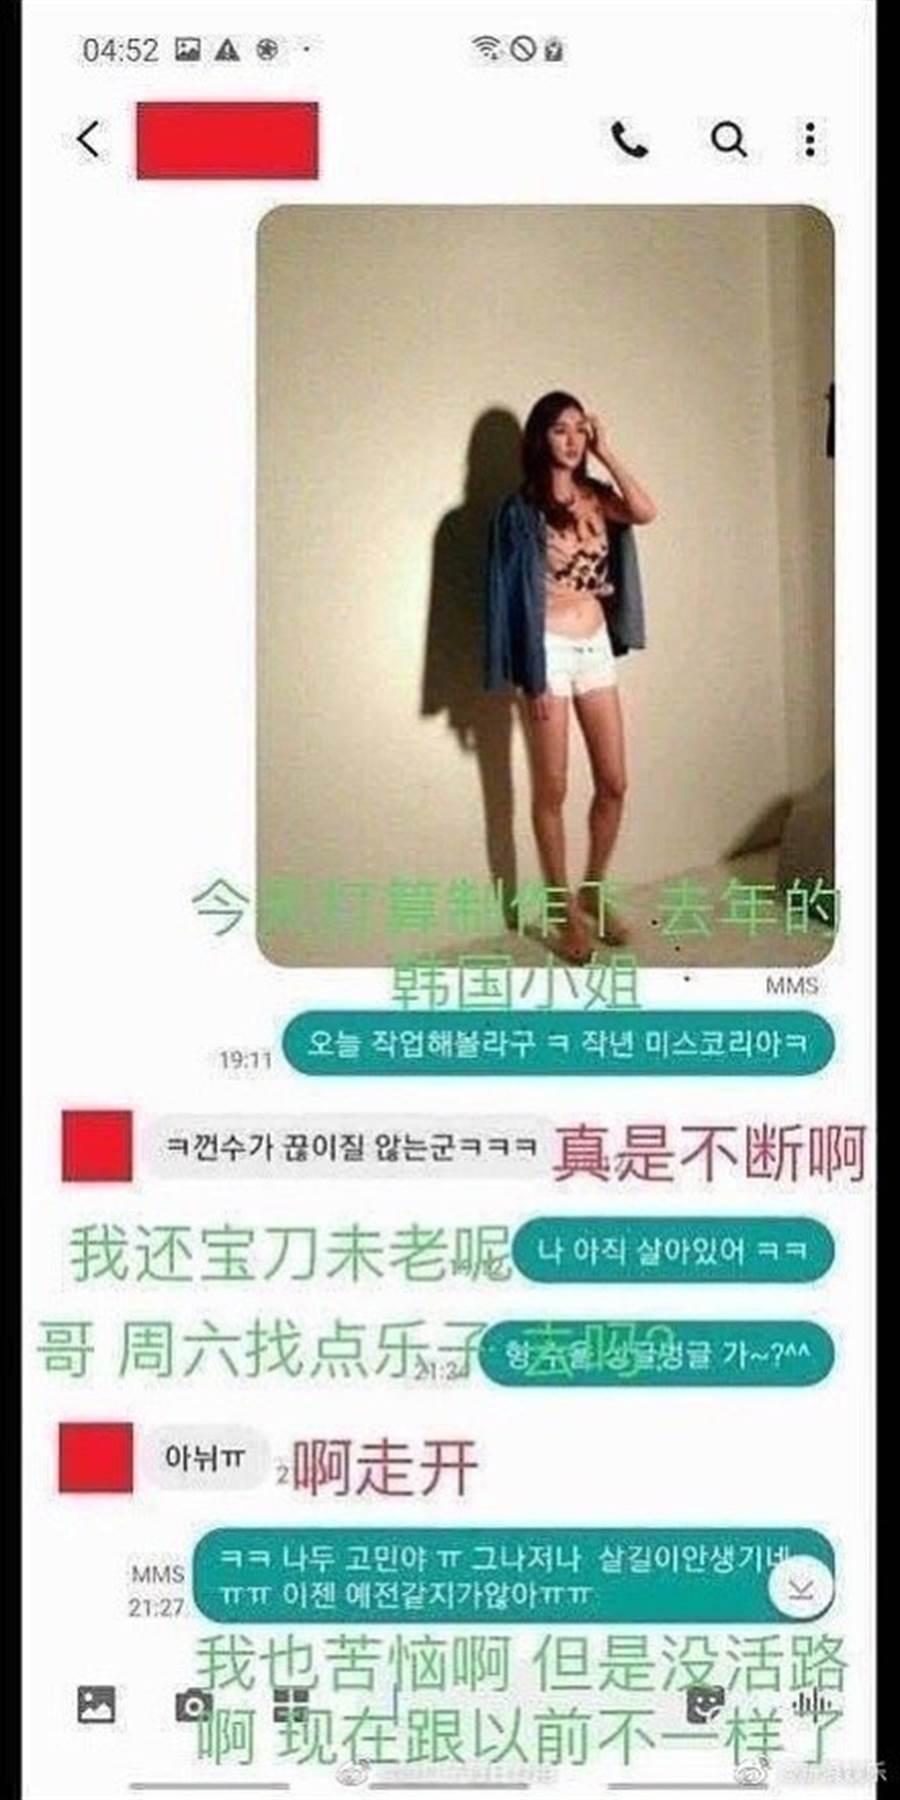 朱鎮模、張東健露骨聊天截圖流出。(取自新浪娛樂)